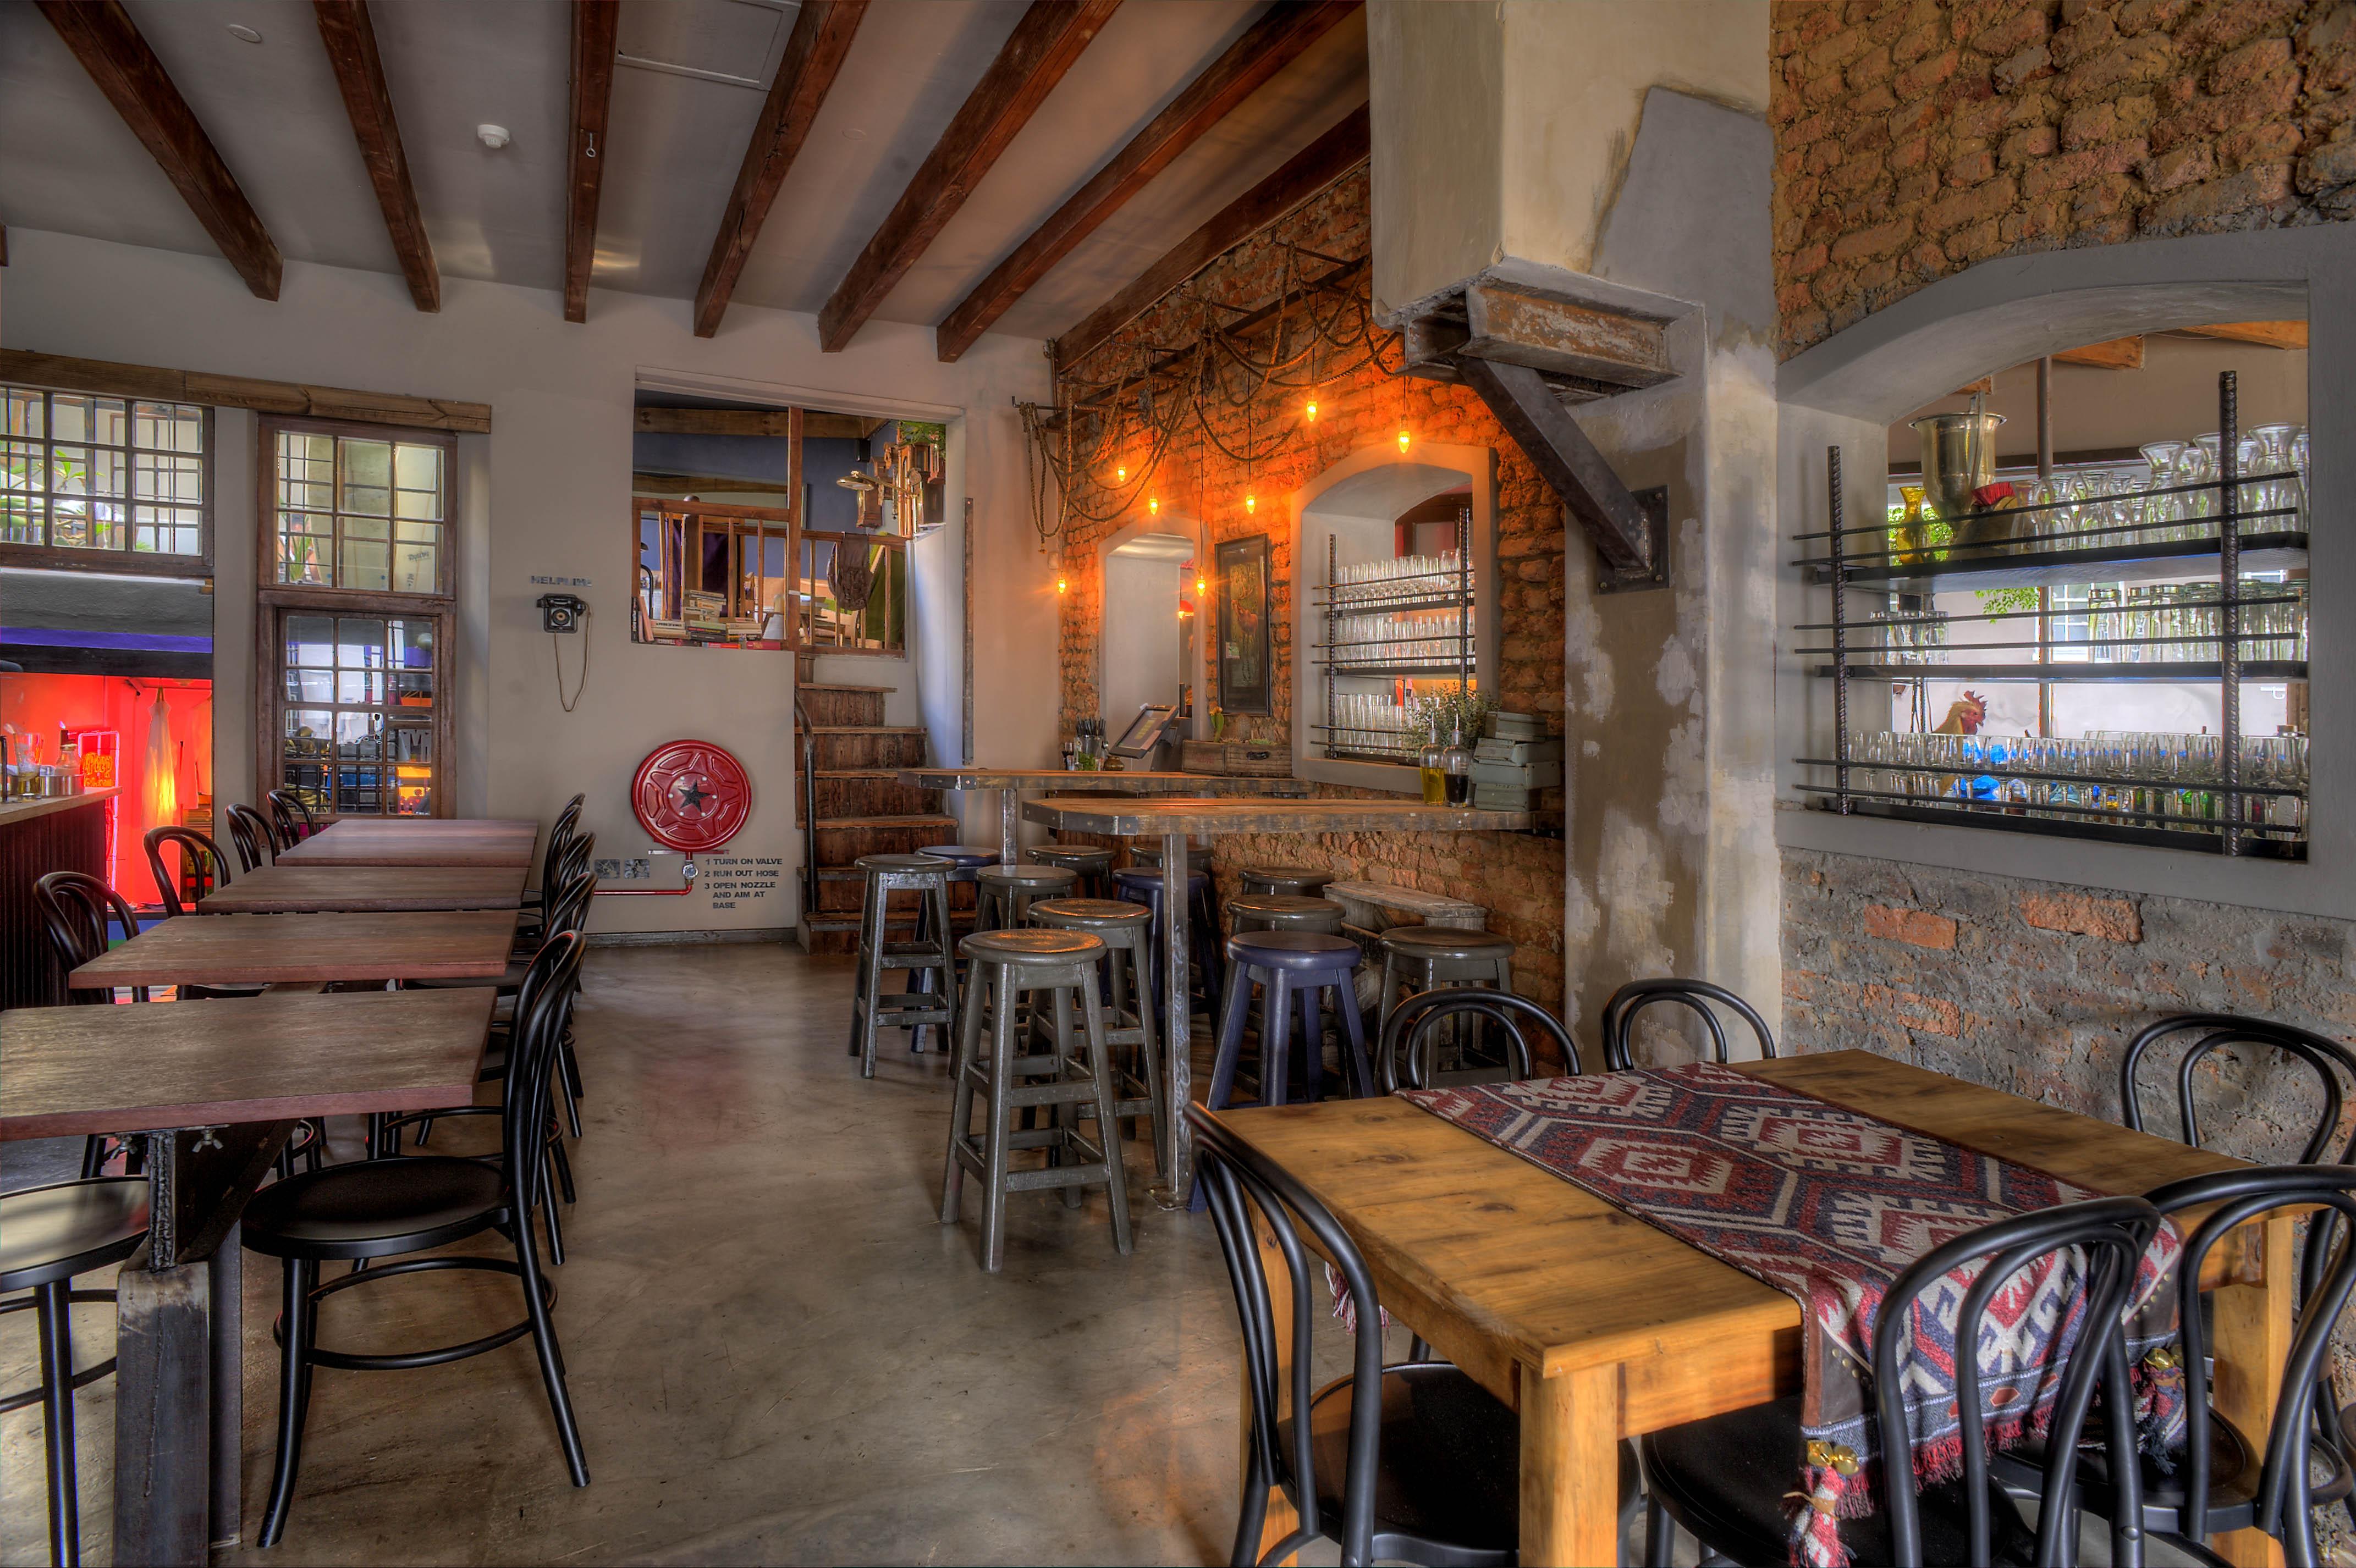 cafe manhattan inside view